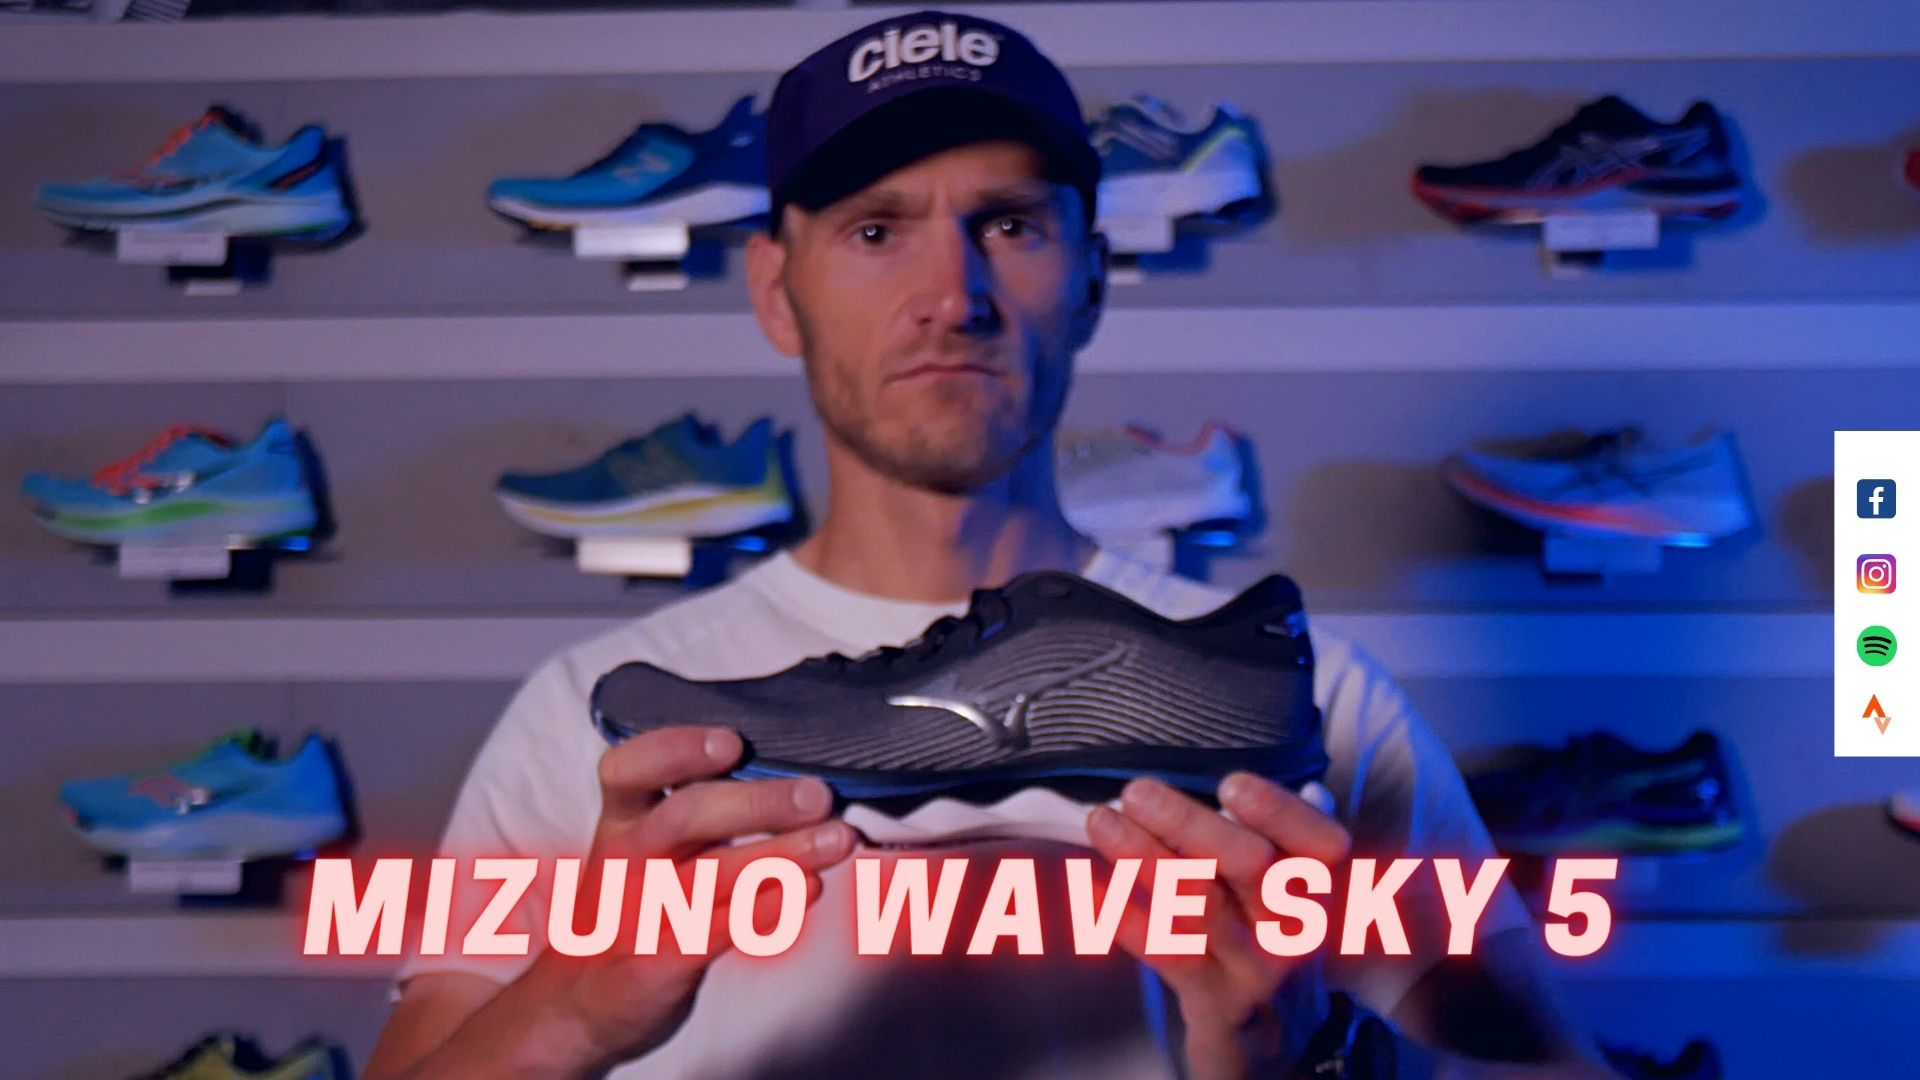 Laufschuh Test: Mizuno Wave Sky 5 (Deutsch | German)